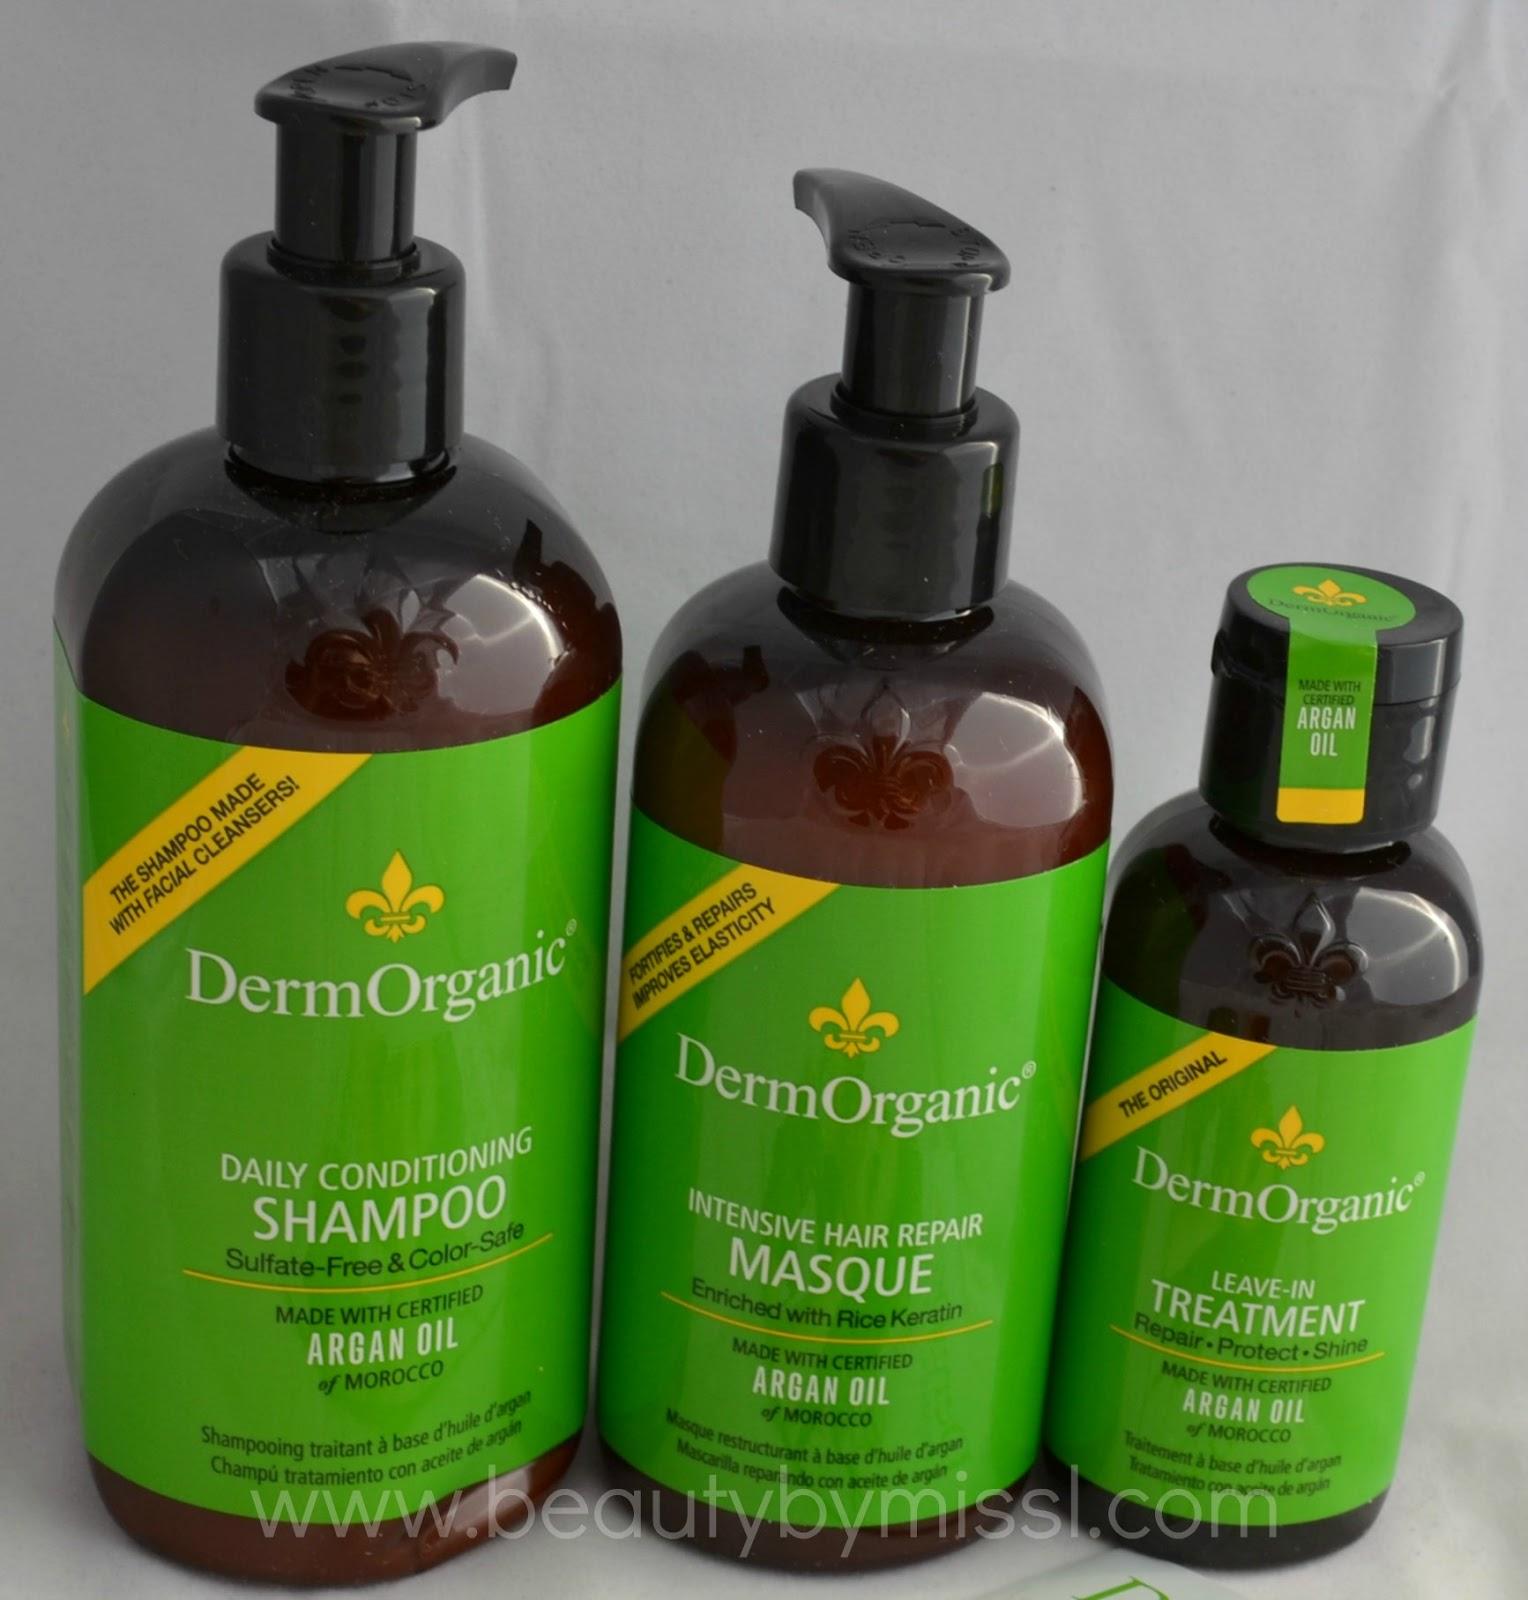 DermOrganic hair care